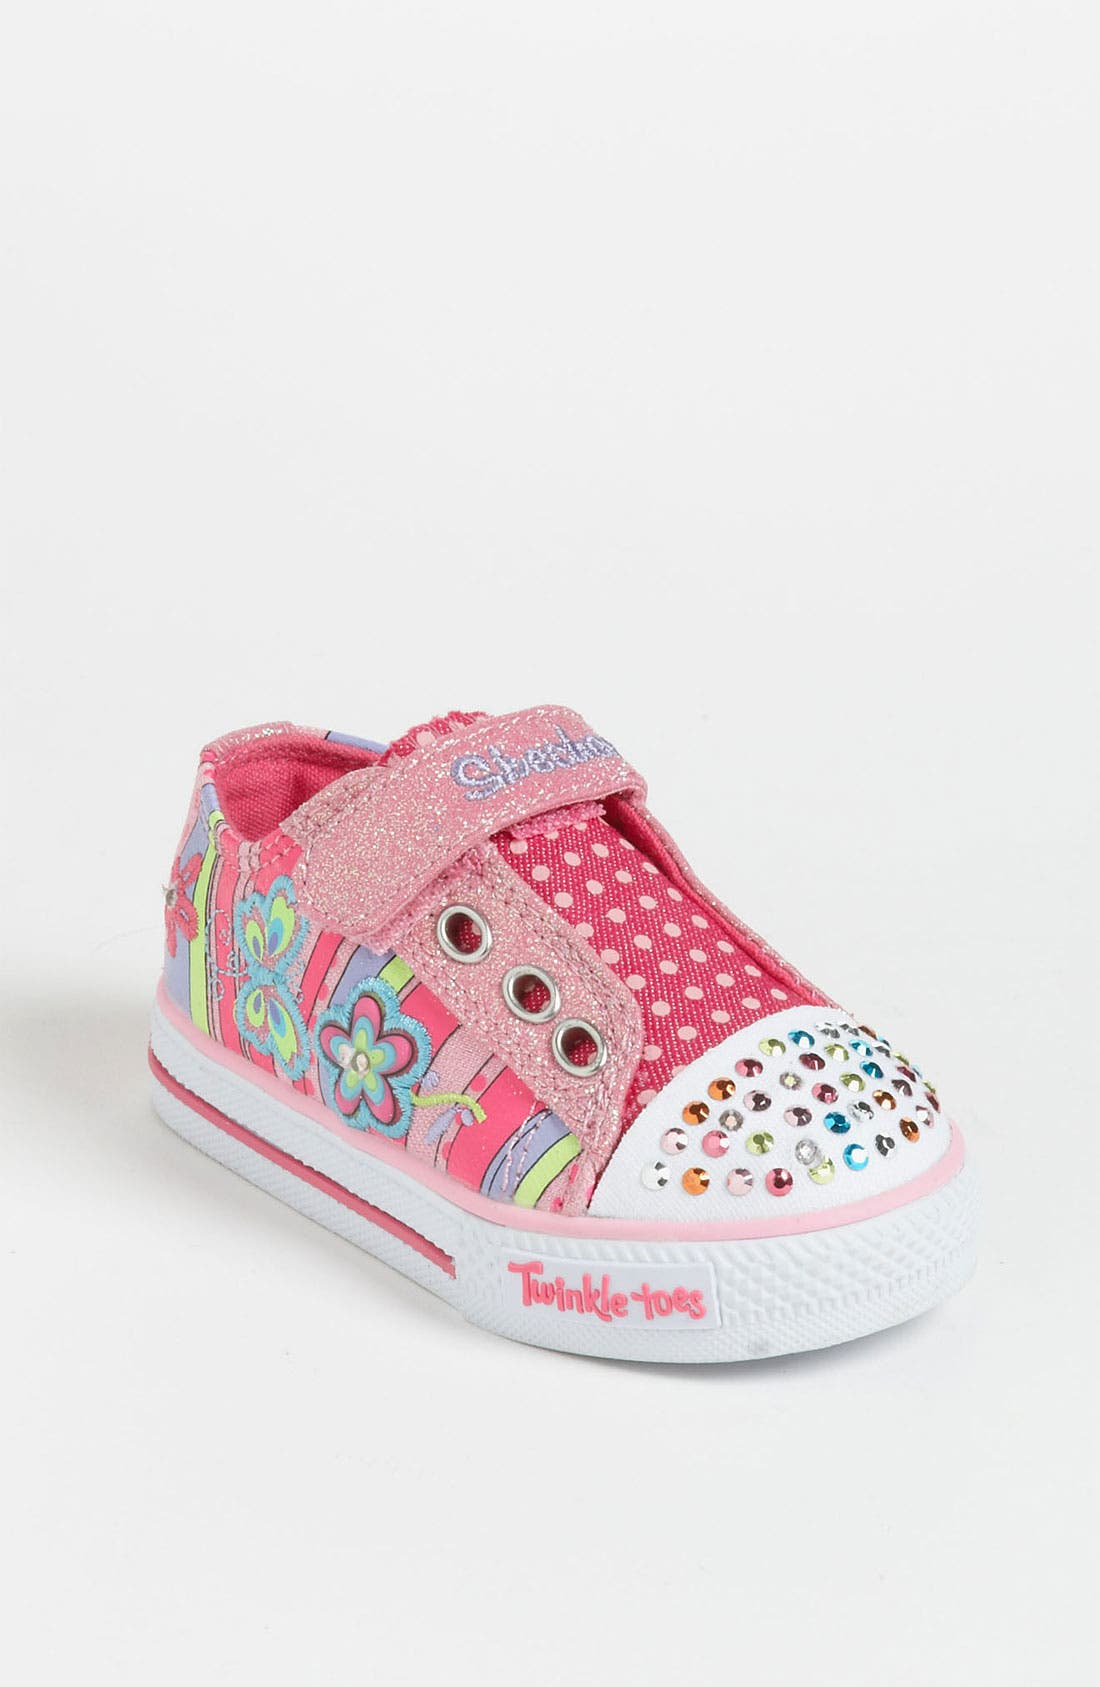 Alternate Image 1 Selected - SKECHERS 'Twinkle Toes - Shuffles' Sneaker (Walker & Toddler)